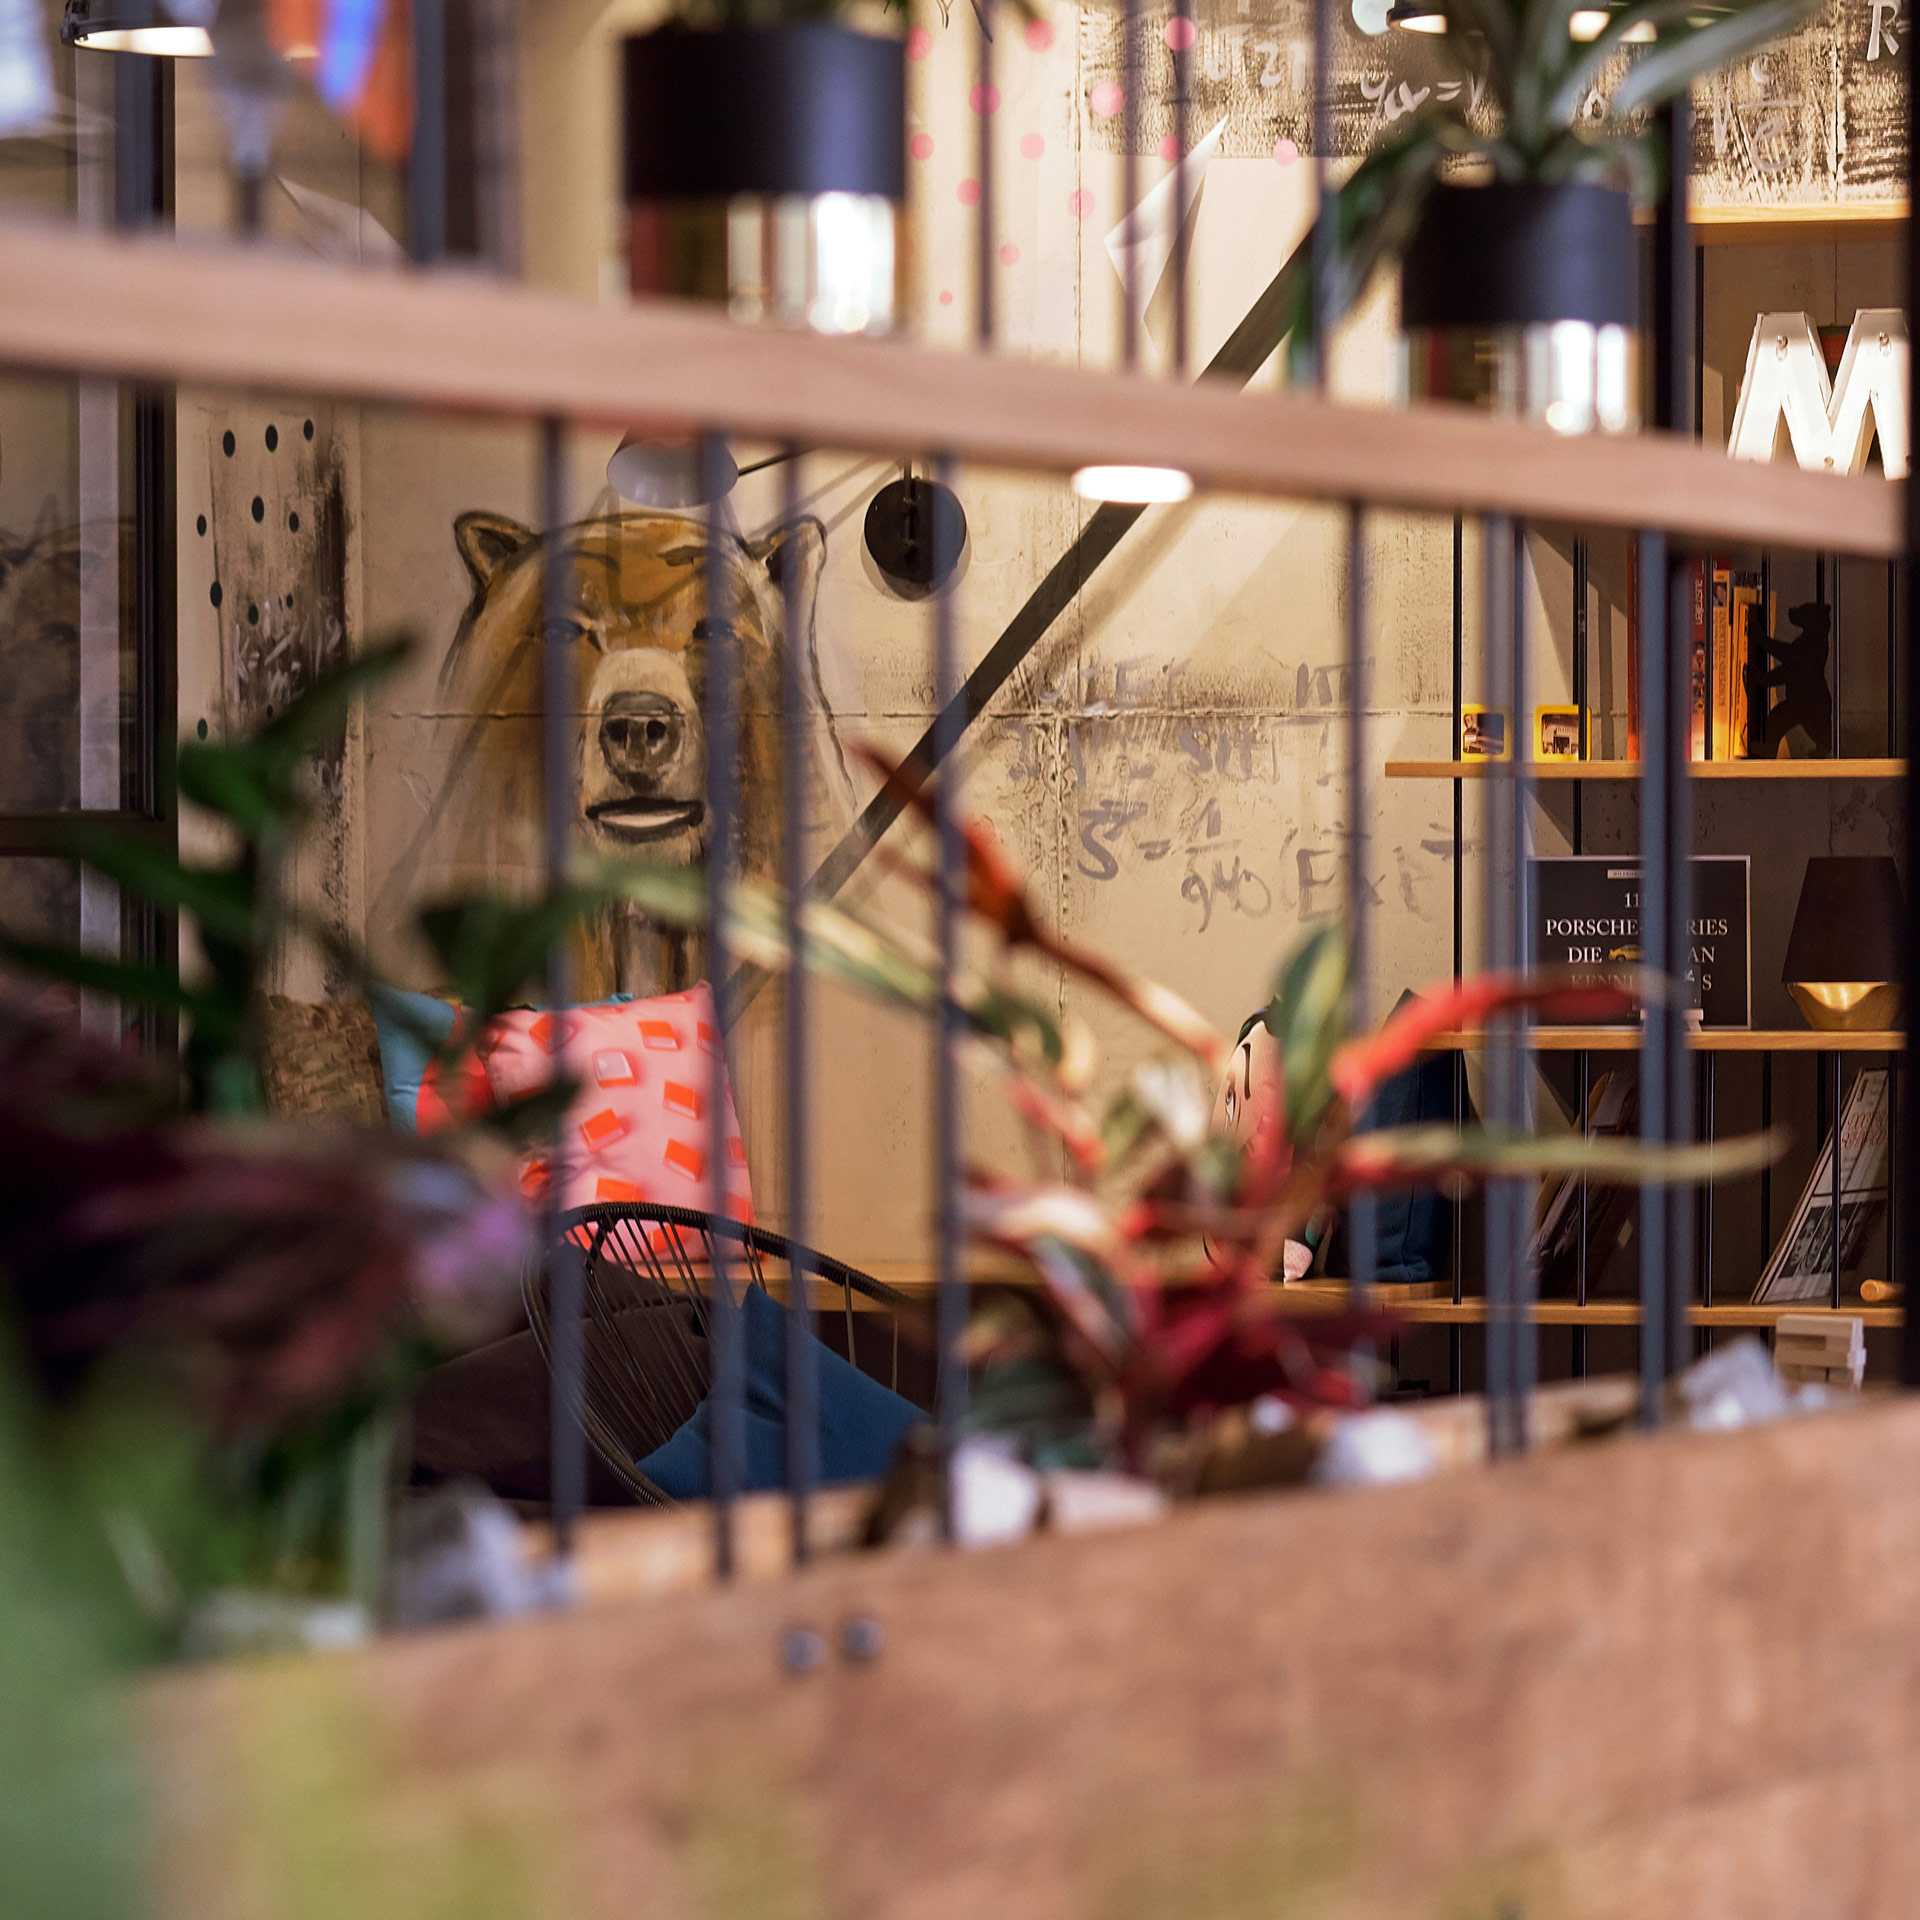 Details aus der Lobby im Moxy Hotel am Humboldtpark in Berlin